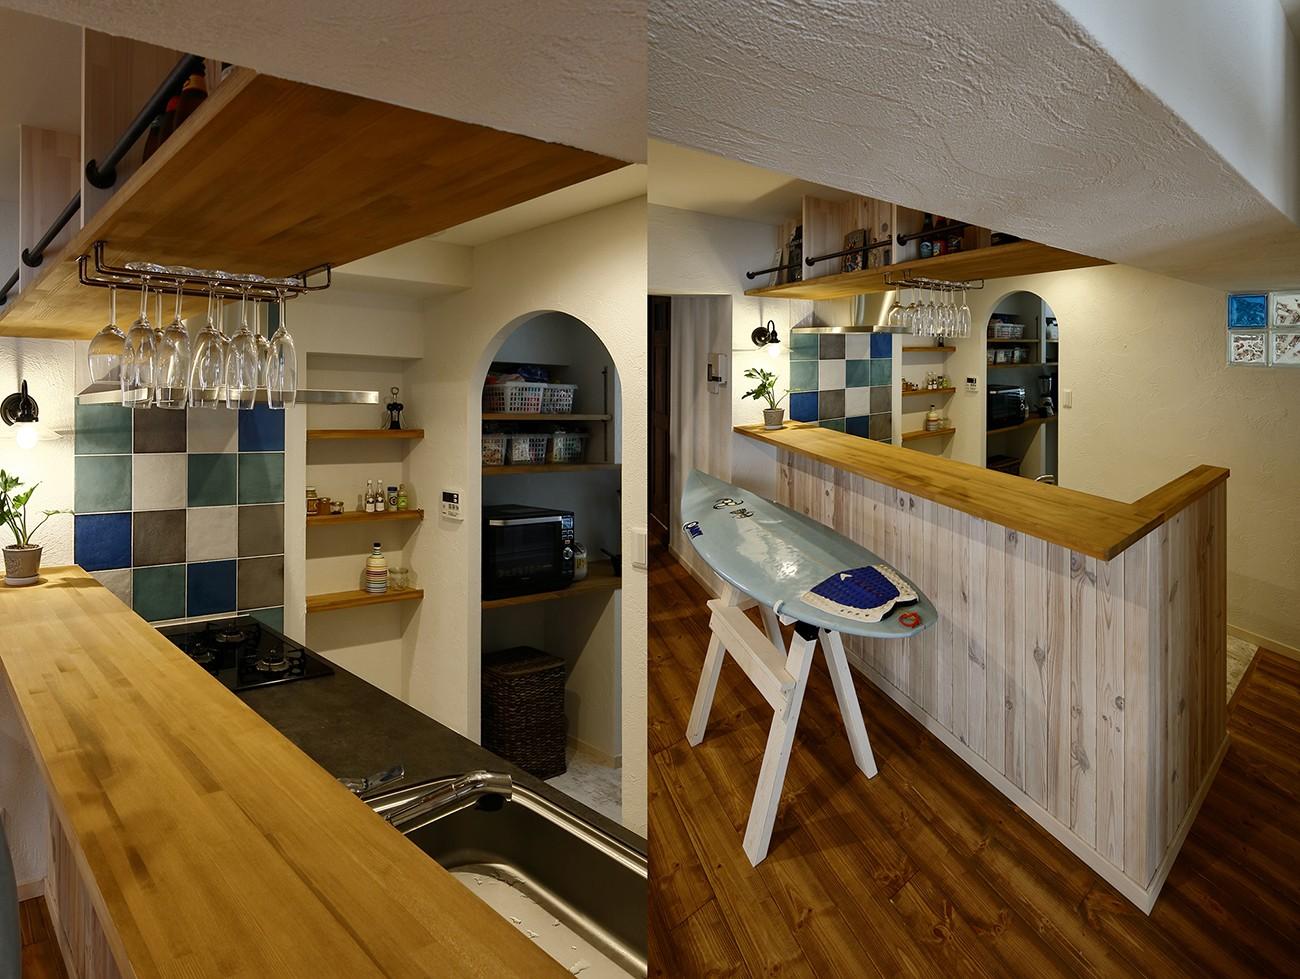 キッチン事例:「海」がテーマのキッチン(「海を感じるリゾート」夢をかなえた住まい)